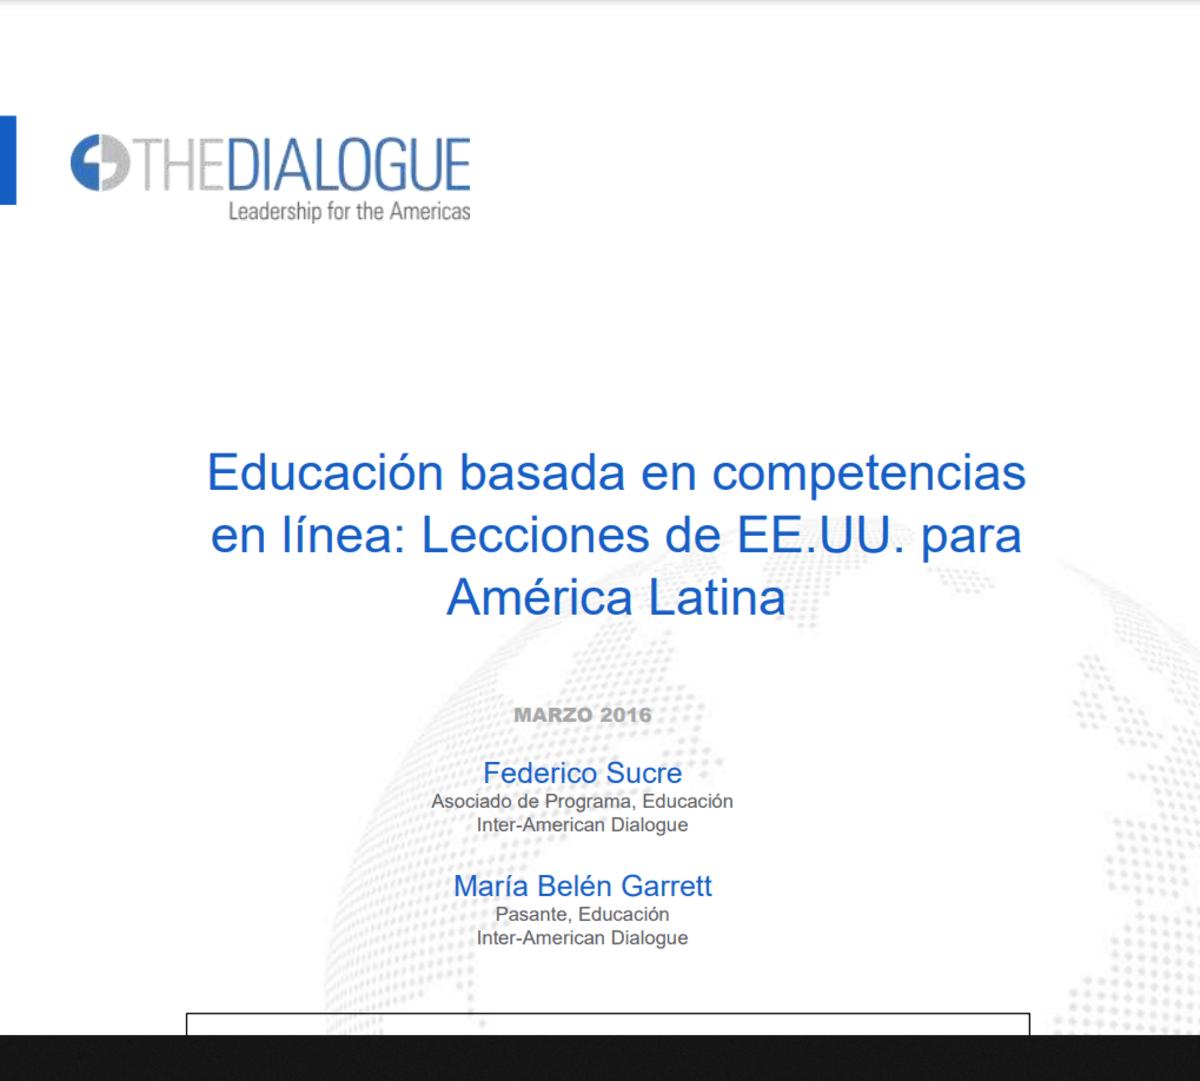 Educación Basada en Competencias en Línea (EBCEL) - Lecciones de EE.UU. para América Latina.